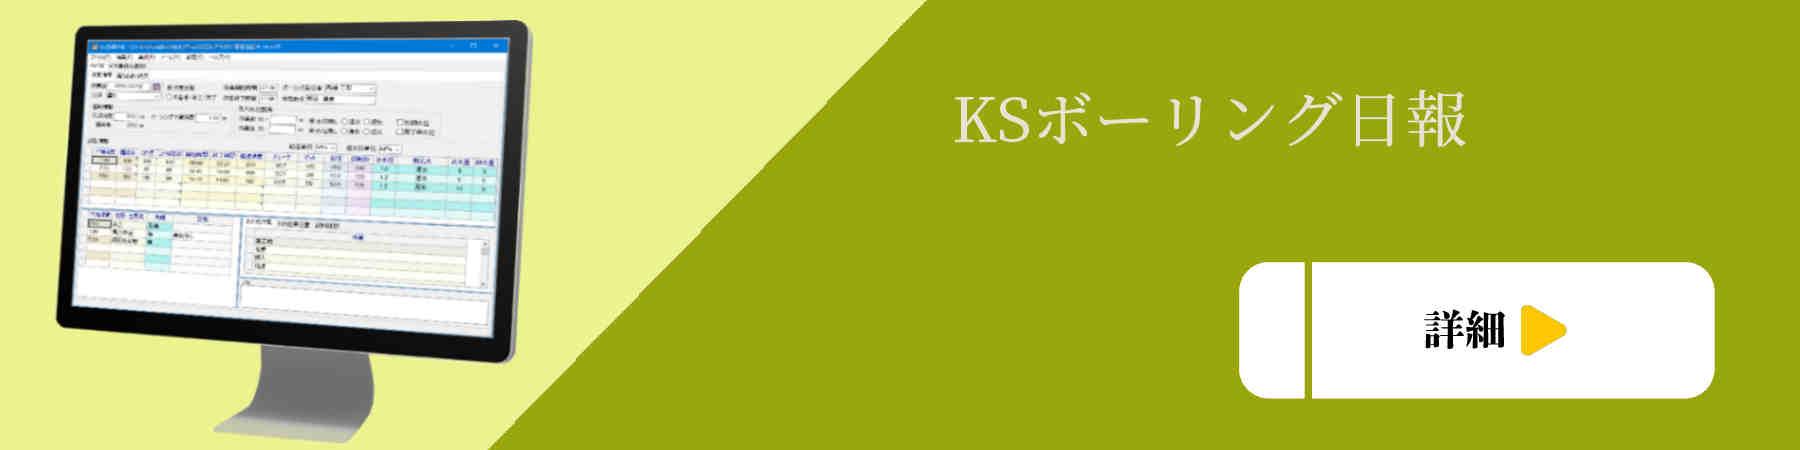 KSSiteReport